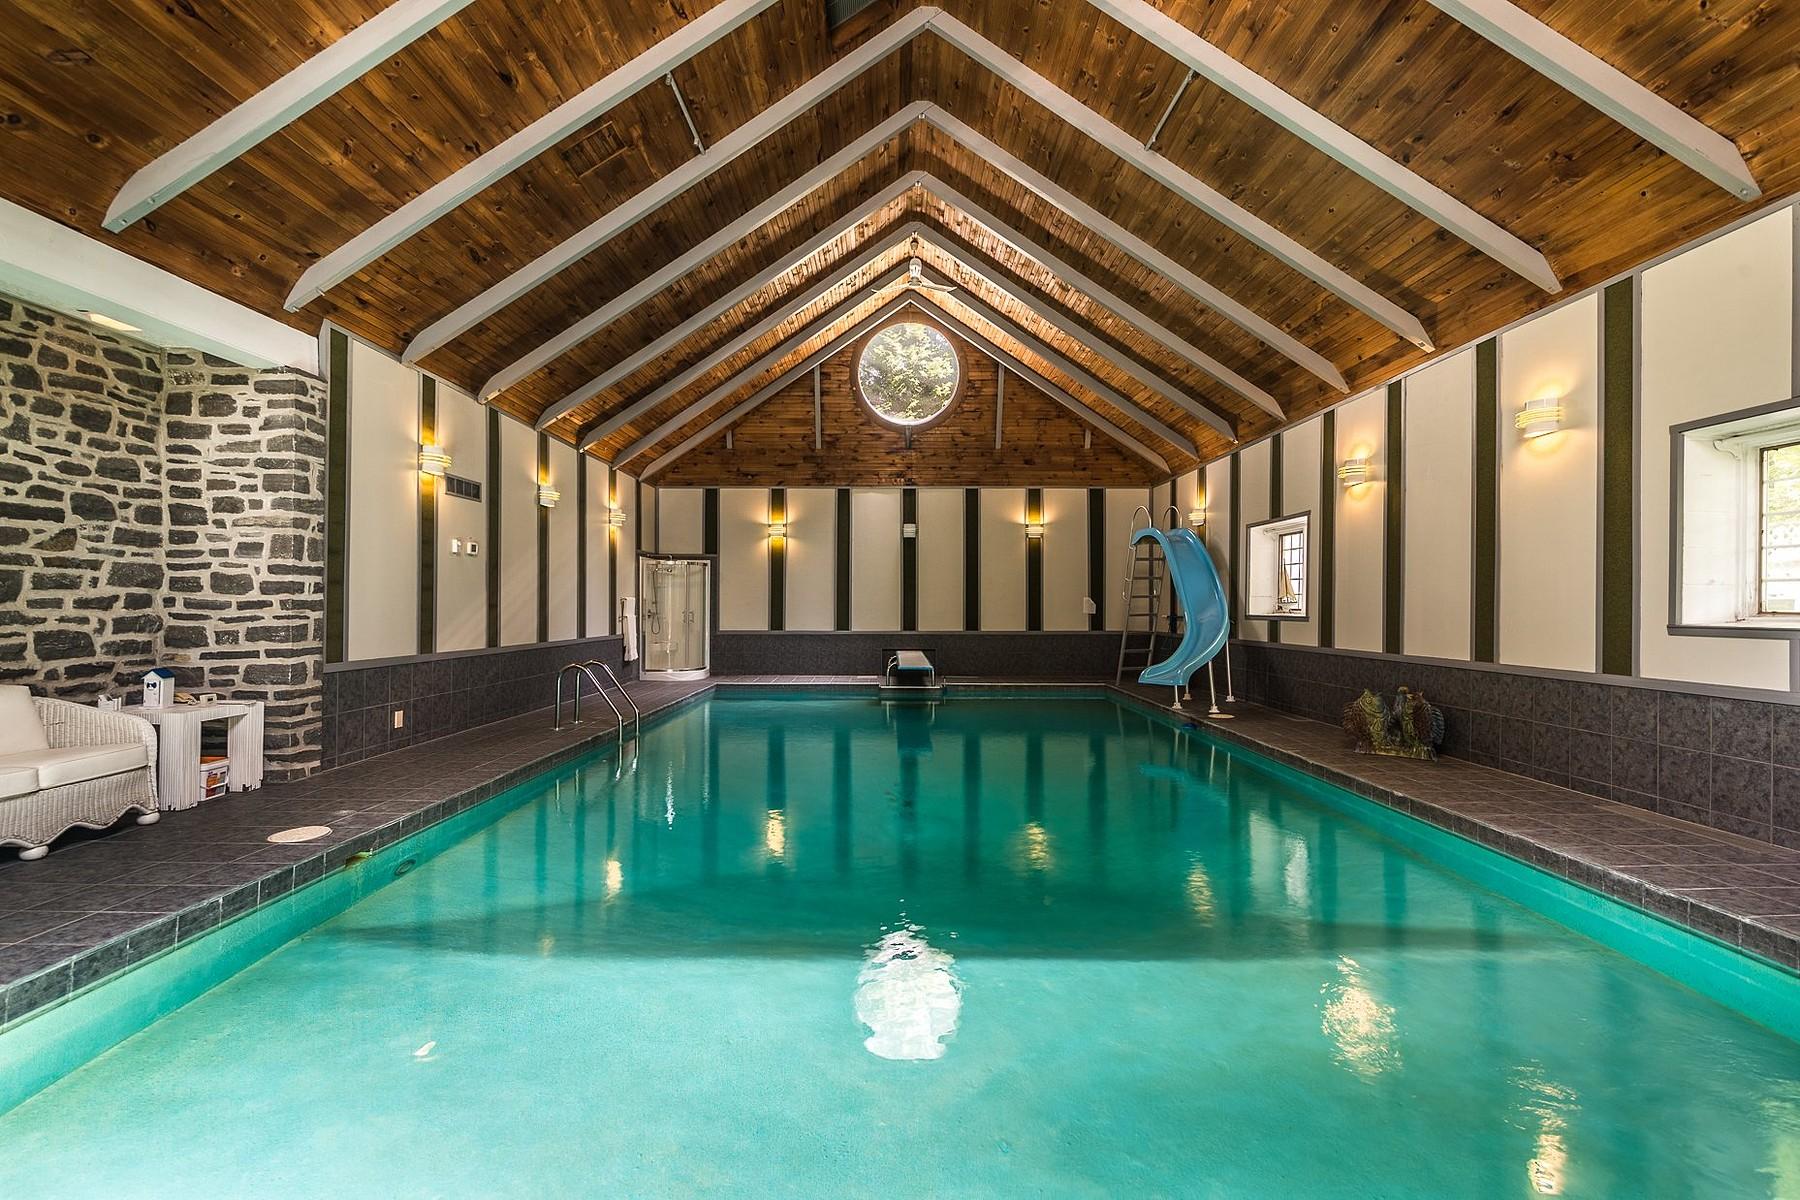 Single Family Home for Sale at 310 Ch du Chicot 310 Ch. du Chicot Saint-Eustache, Quebec, J7R4K3 Canada